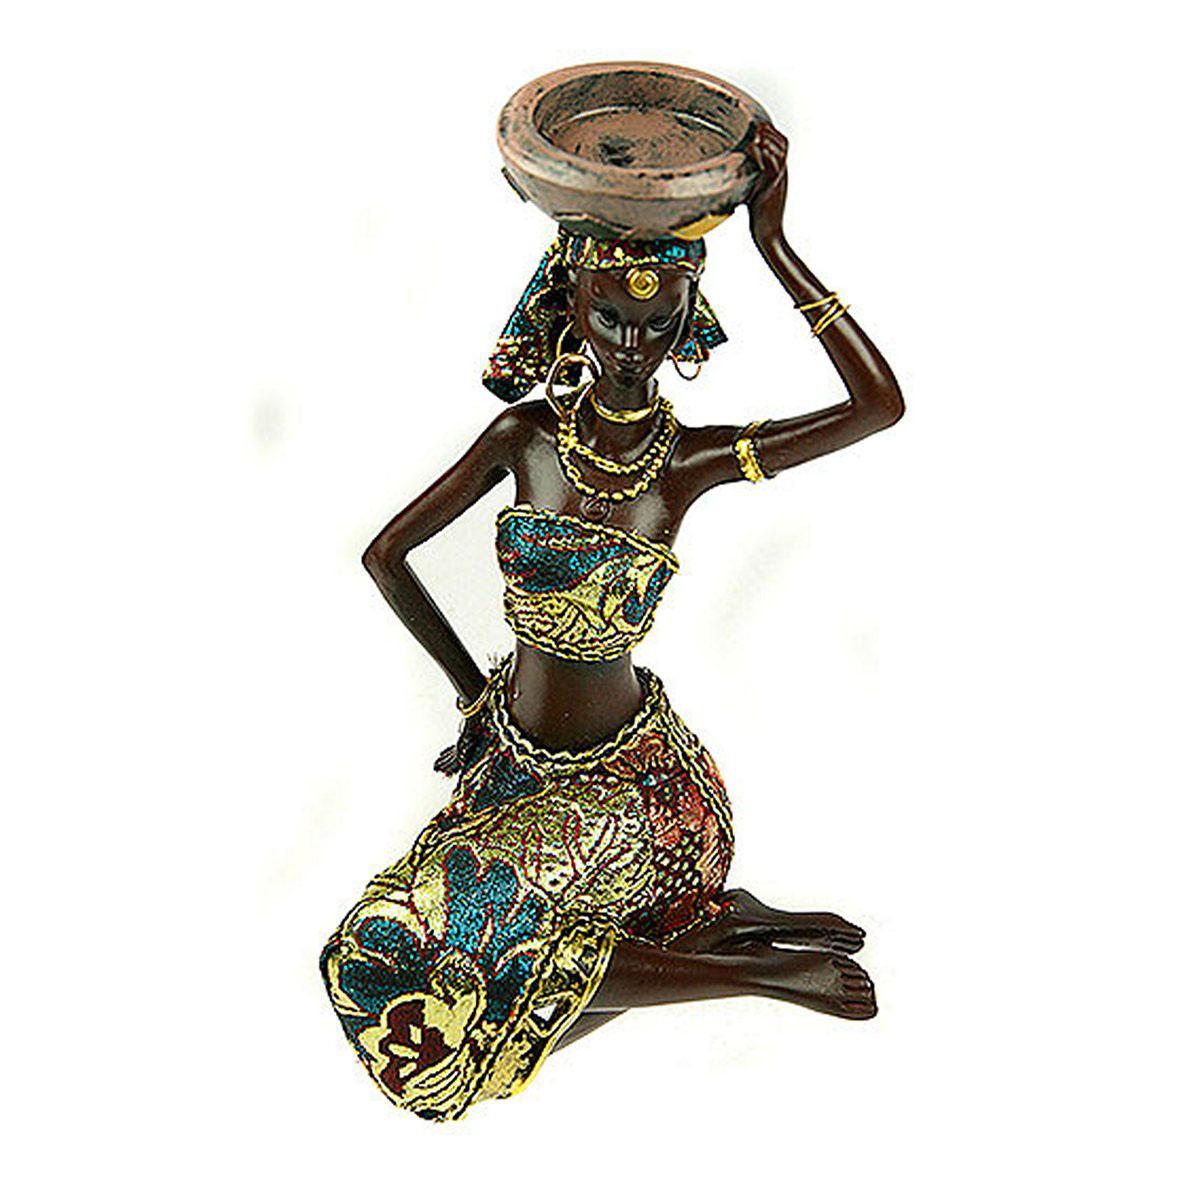 Статуэтка Русские Подарки Африканка, 14 х 15 х 22 смFS-80299Статуэтка Русские Подарки Африканка, изготовленная из полистоуна, имеет изысканный внешний вид. Изделие станет прекрасным украшением интерьера гостиной, офиса или дома. Вы можете поставить статуэтку в любое место, где она будет удачно смотреться и радовать глаз. Правила ухода: регулярно вытирать пыль сухой, мягкой тканью.